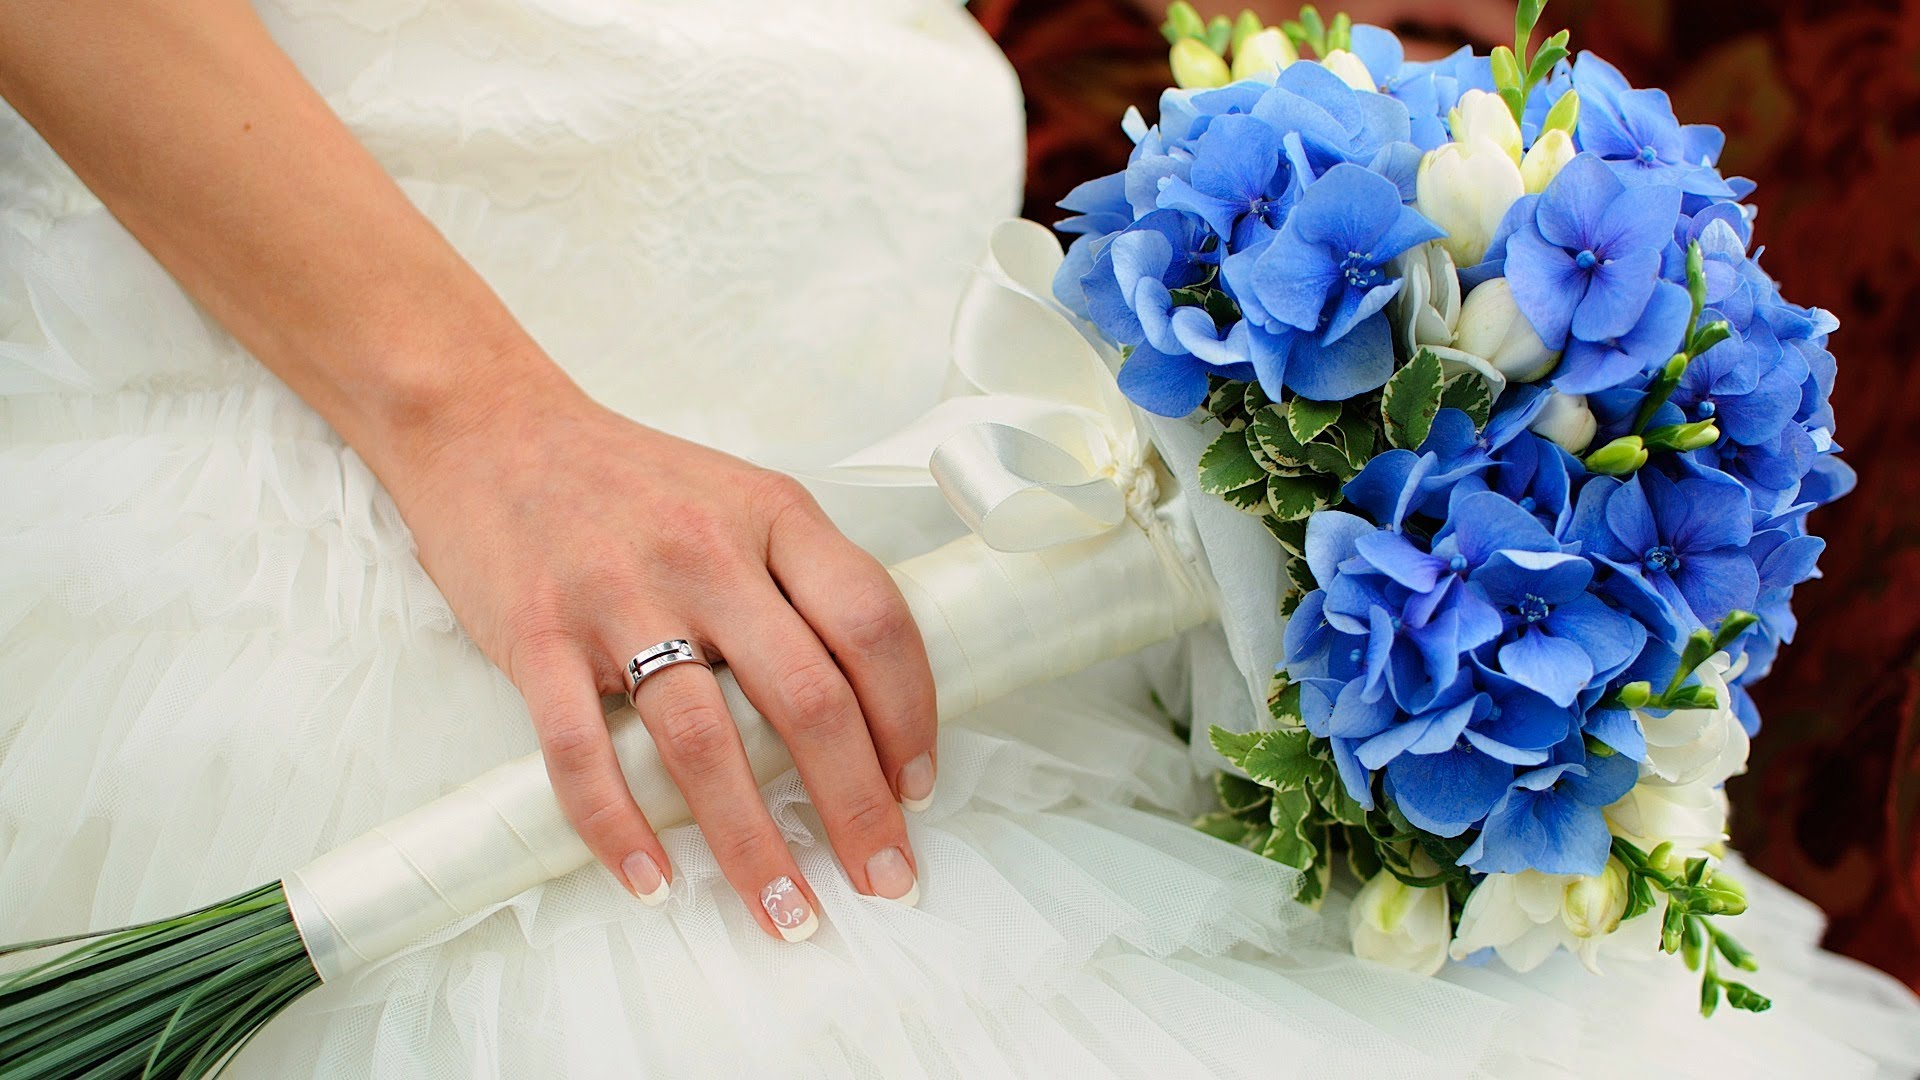 Голубой свадебный букет (58 фото): выбираем букет для невесты с белыми цветами и в нежно-персиковых тонах